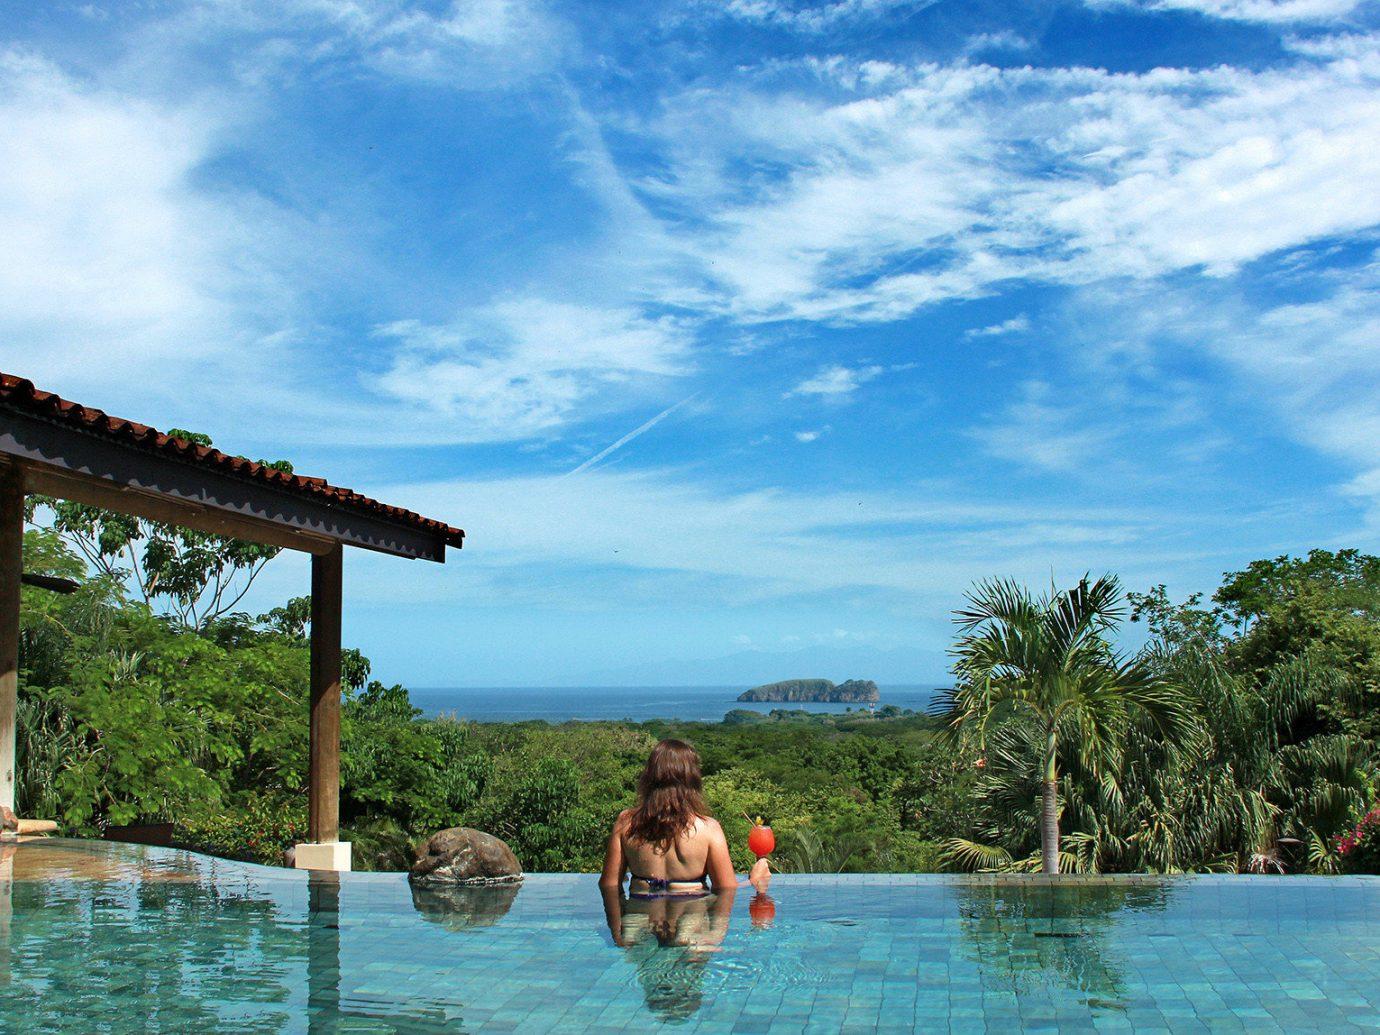 Pool at Villa Buena Onda, Guanacaste